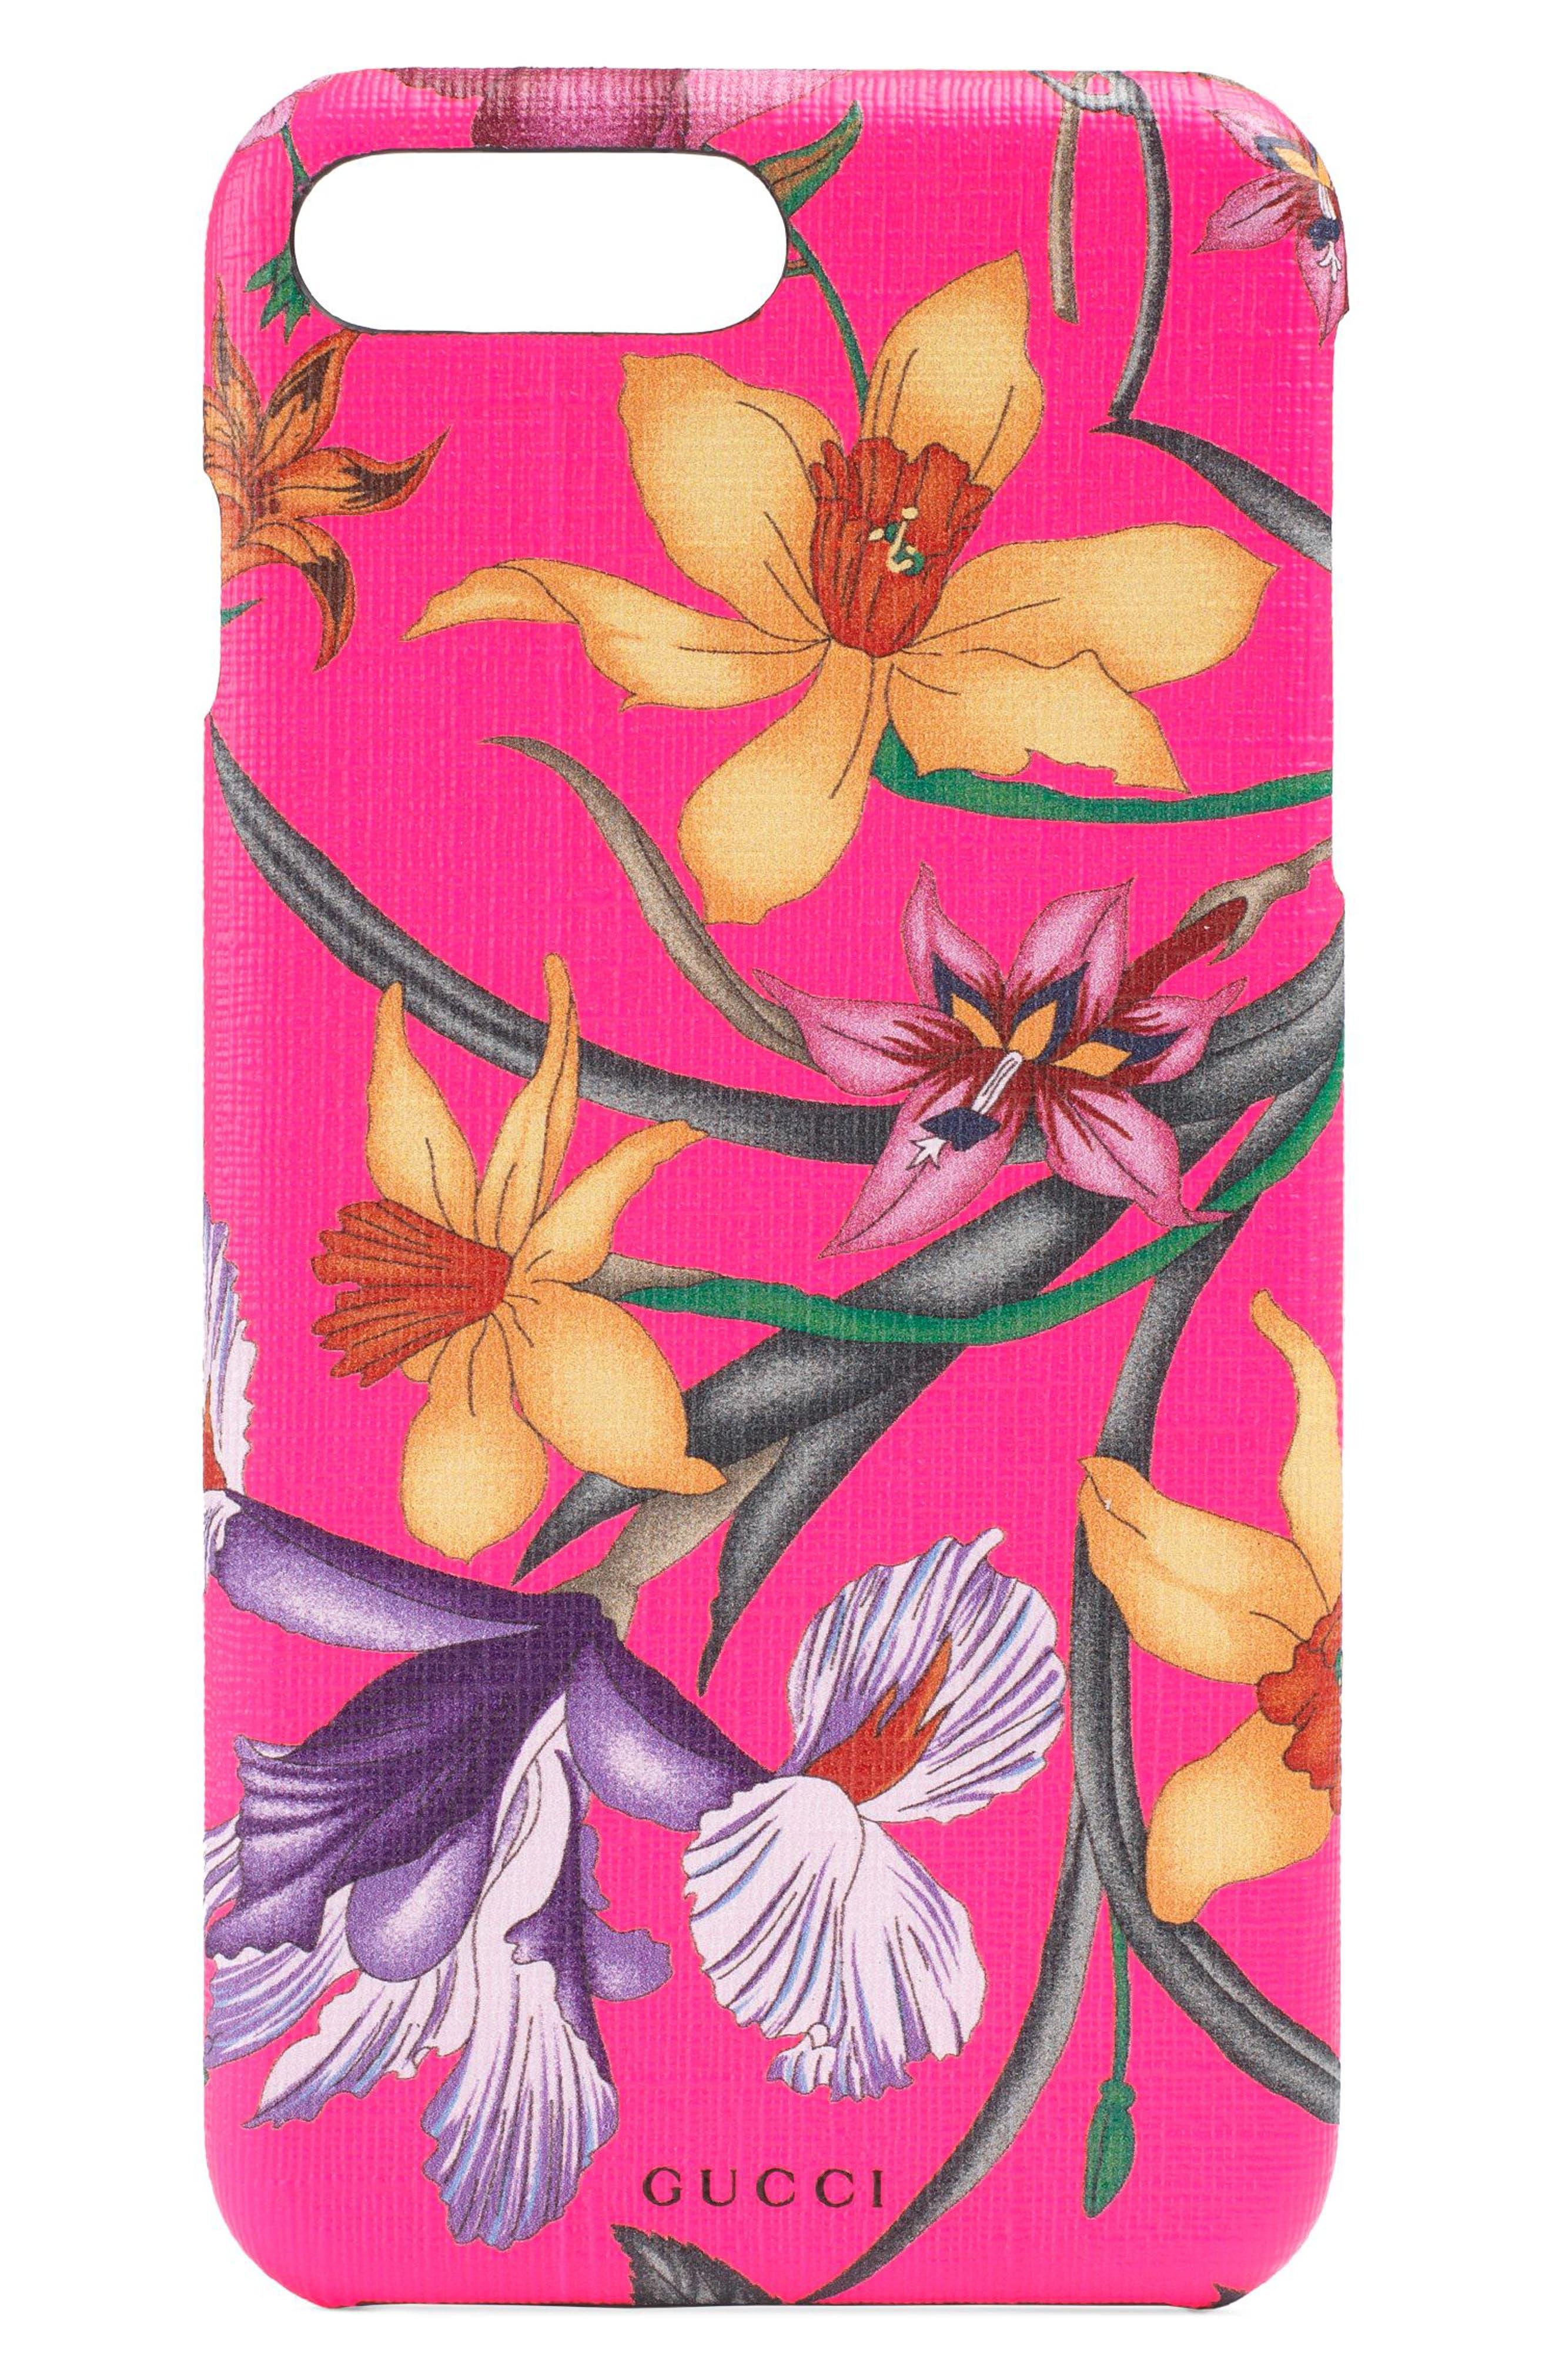 Floral Print iPhone 7/8 Plus Case,                             Main thumbnail 1, color,                             FUXIA FLOURESCENT MULTI